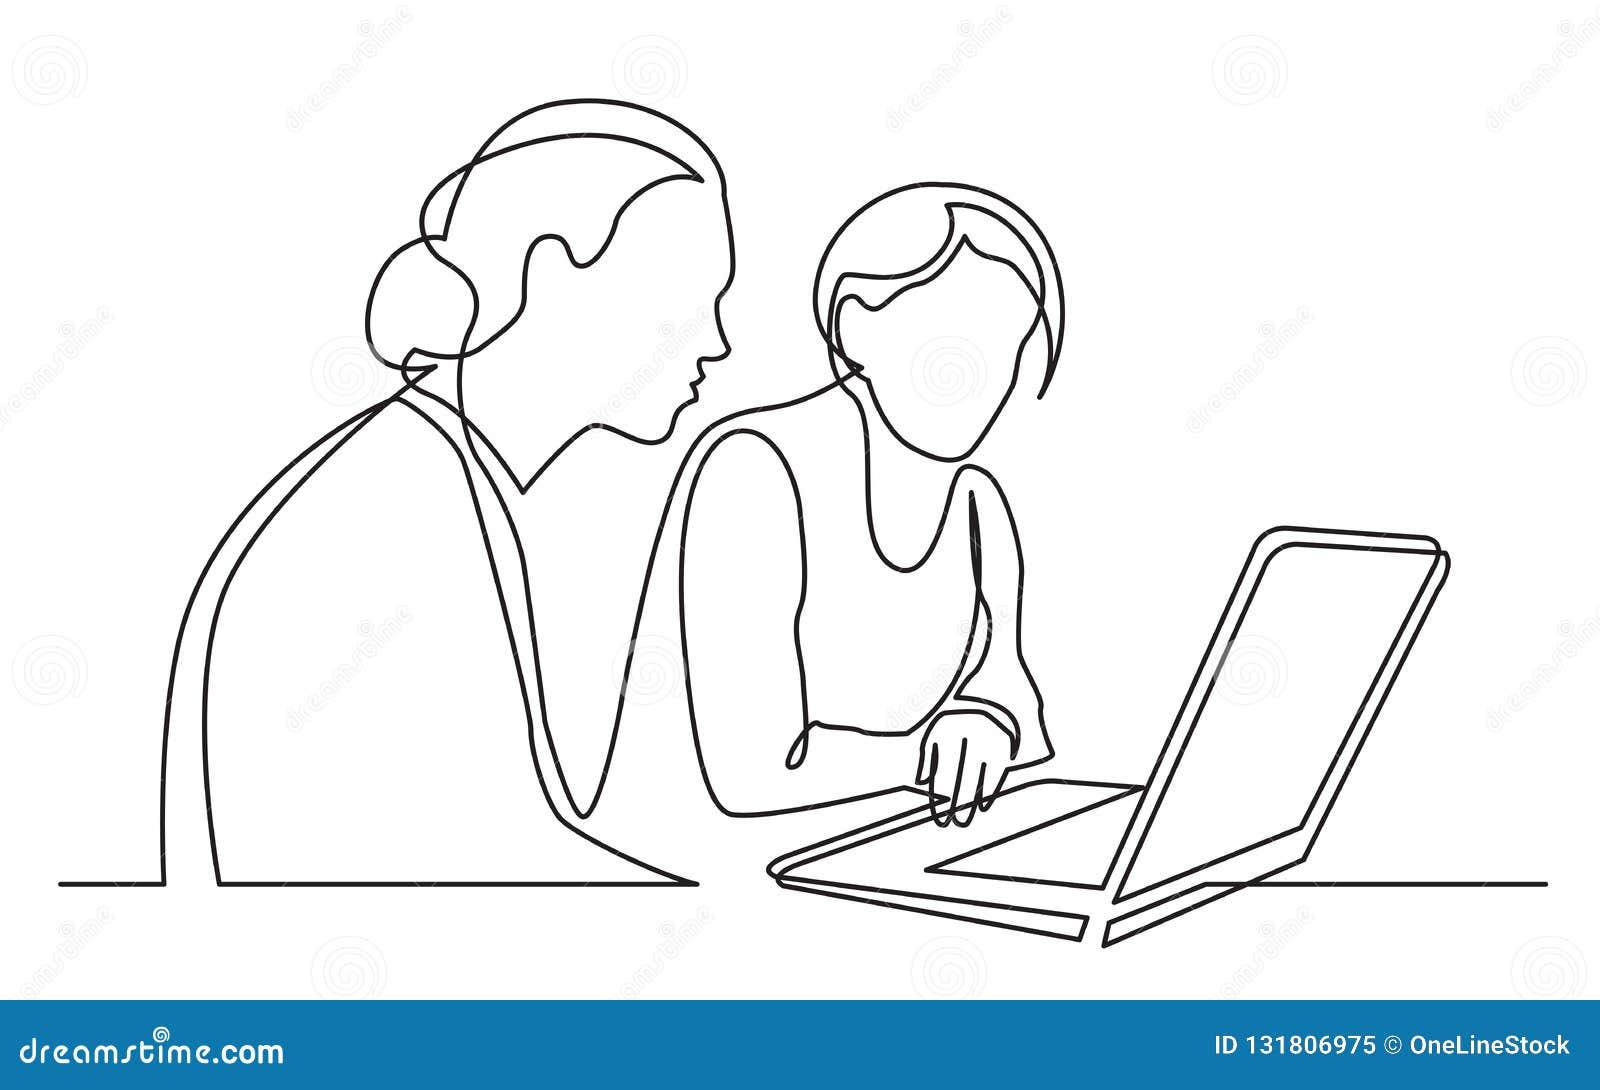 Ununterbrochenes Federzeichnung von zwei Frauen, die Laptop-Computer sitzen und aufpassen